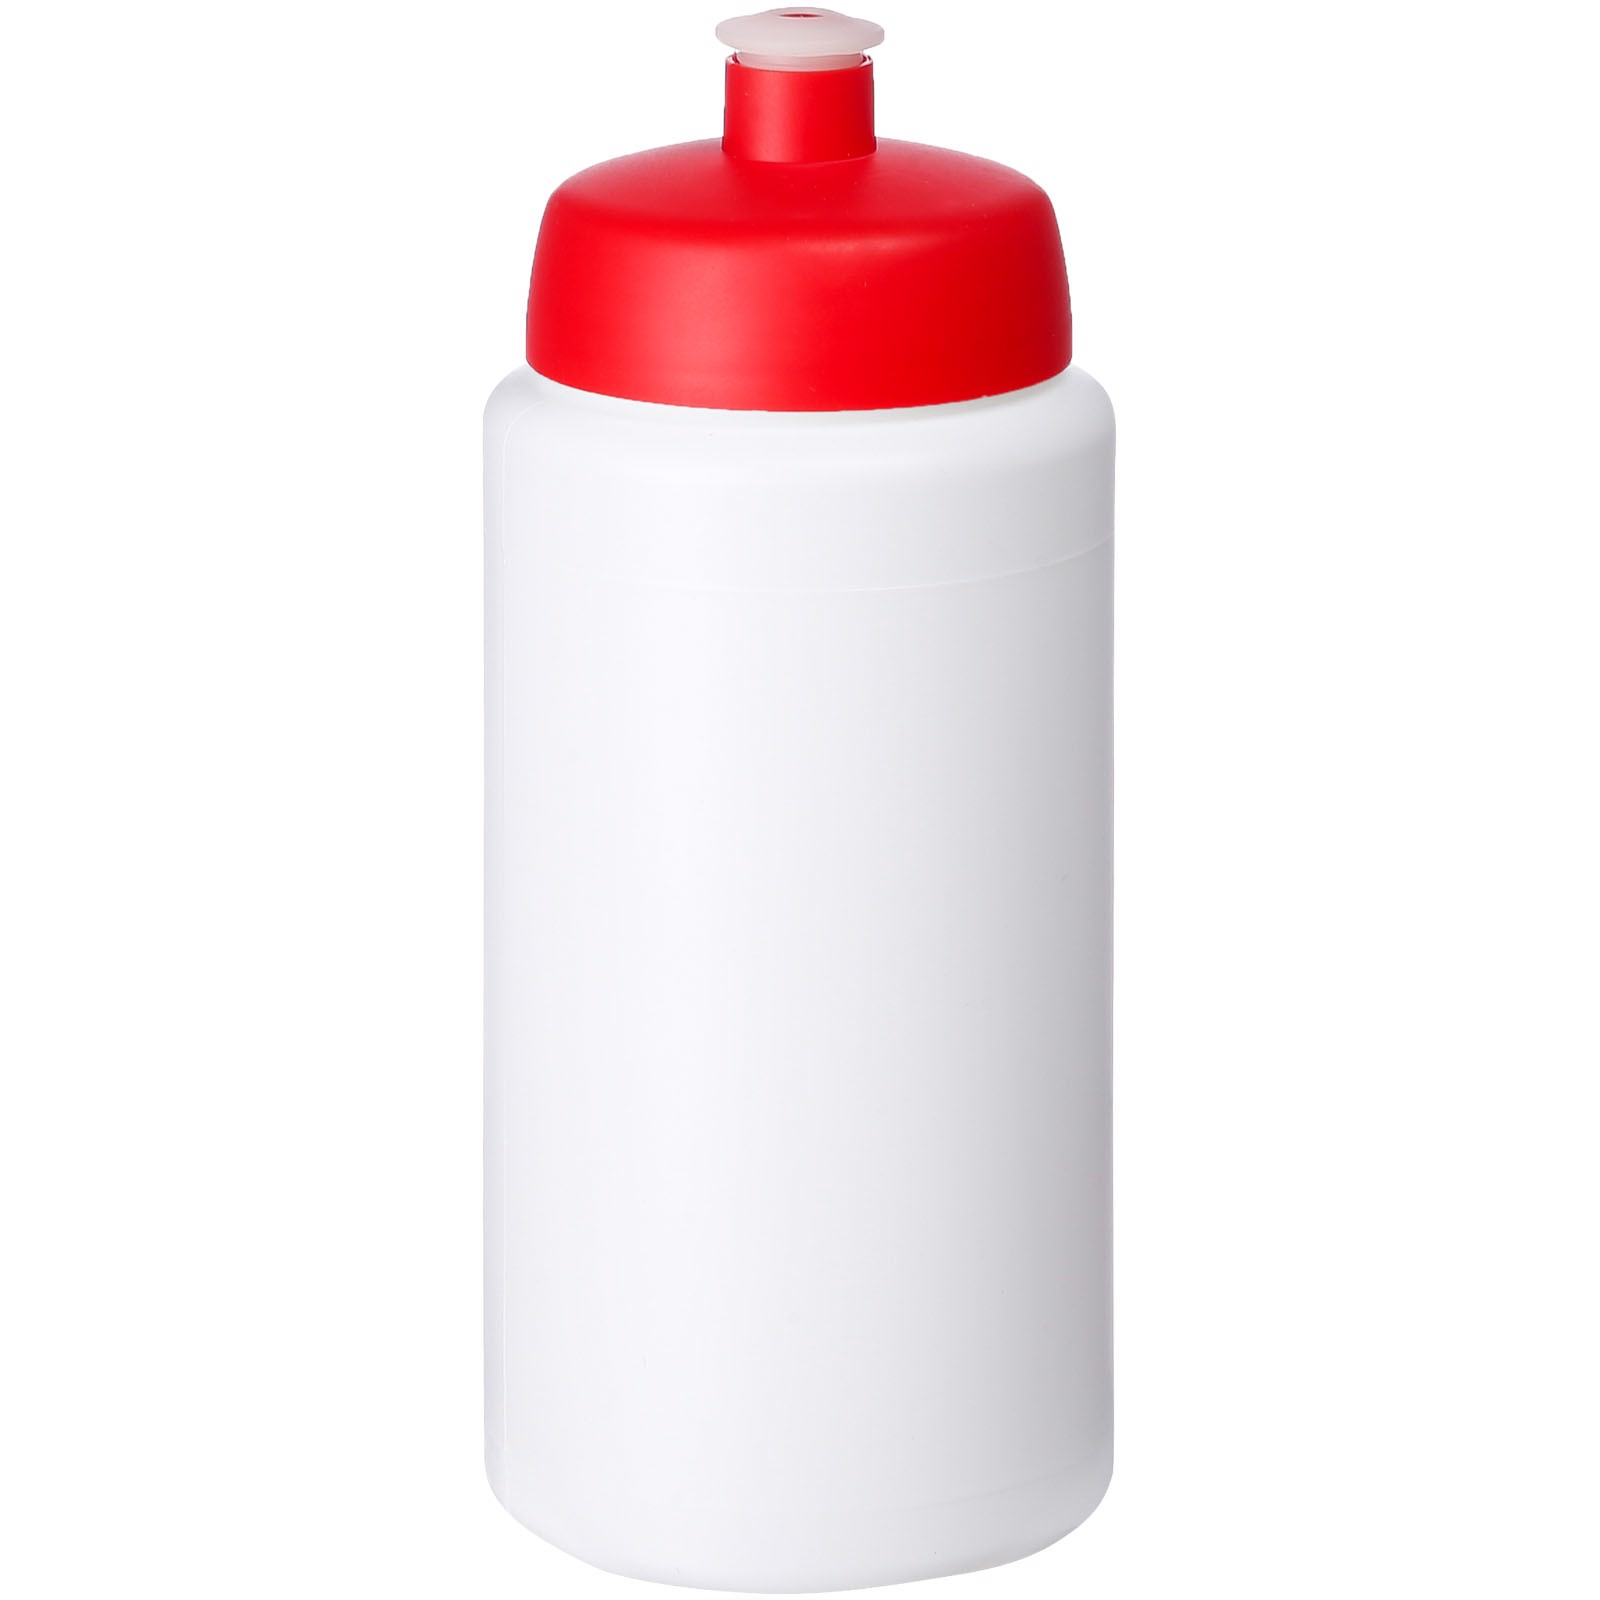 Baseline® Plus grip 500 ml sportovní lahev s víčkem na sport - Bílá / Červená s efektem námrazy